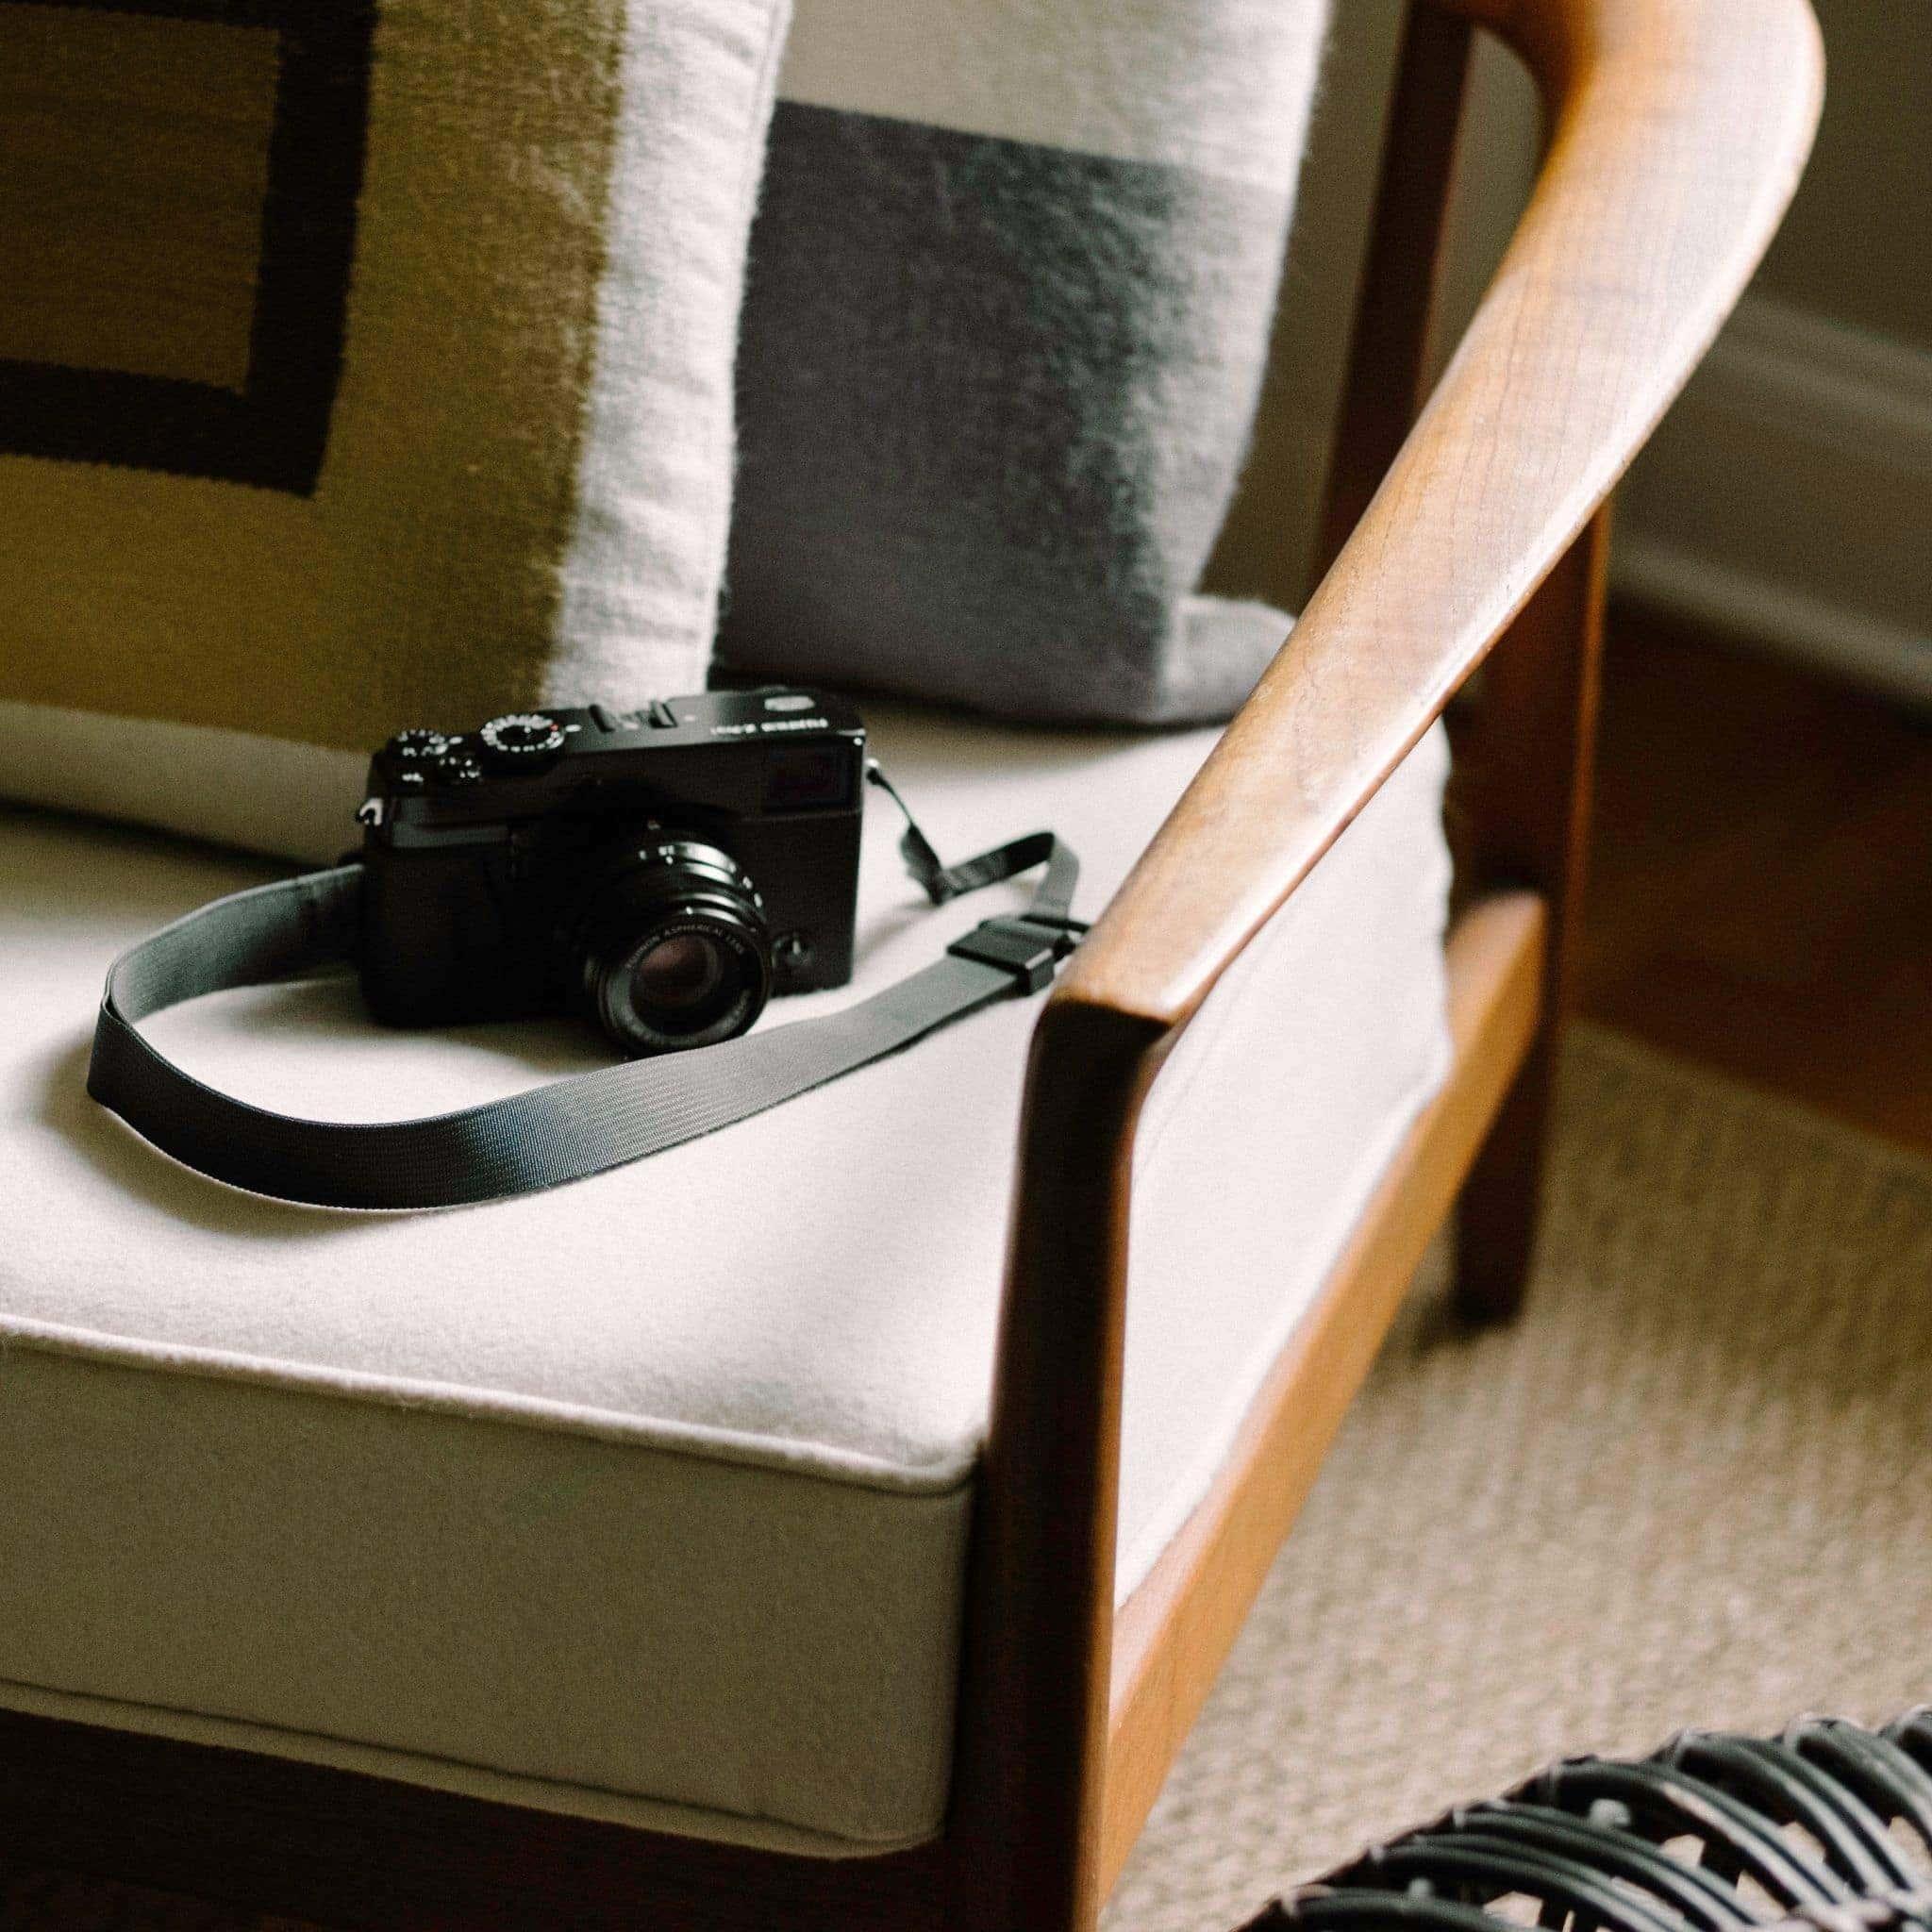 M1a Strap Kamera ing castor abu-abu, ing Fujifilm X-Pro1 karo 35mm f / 2